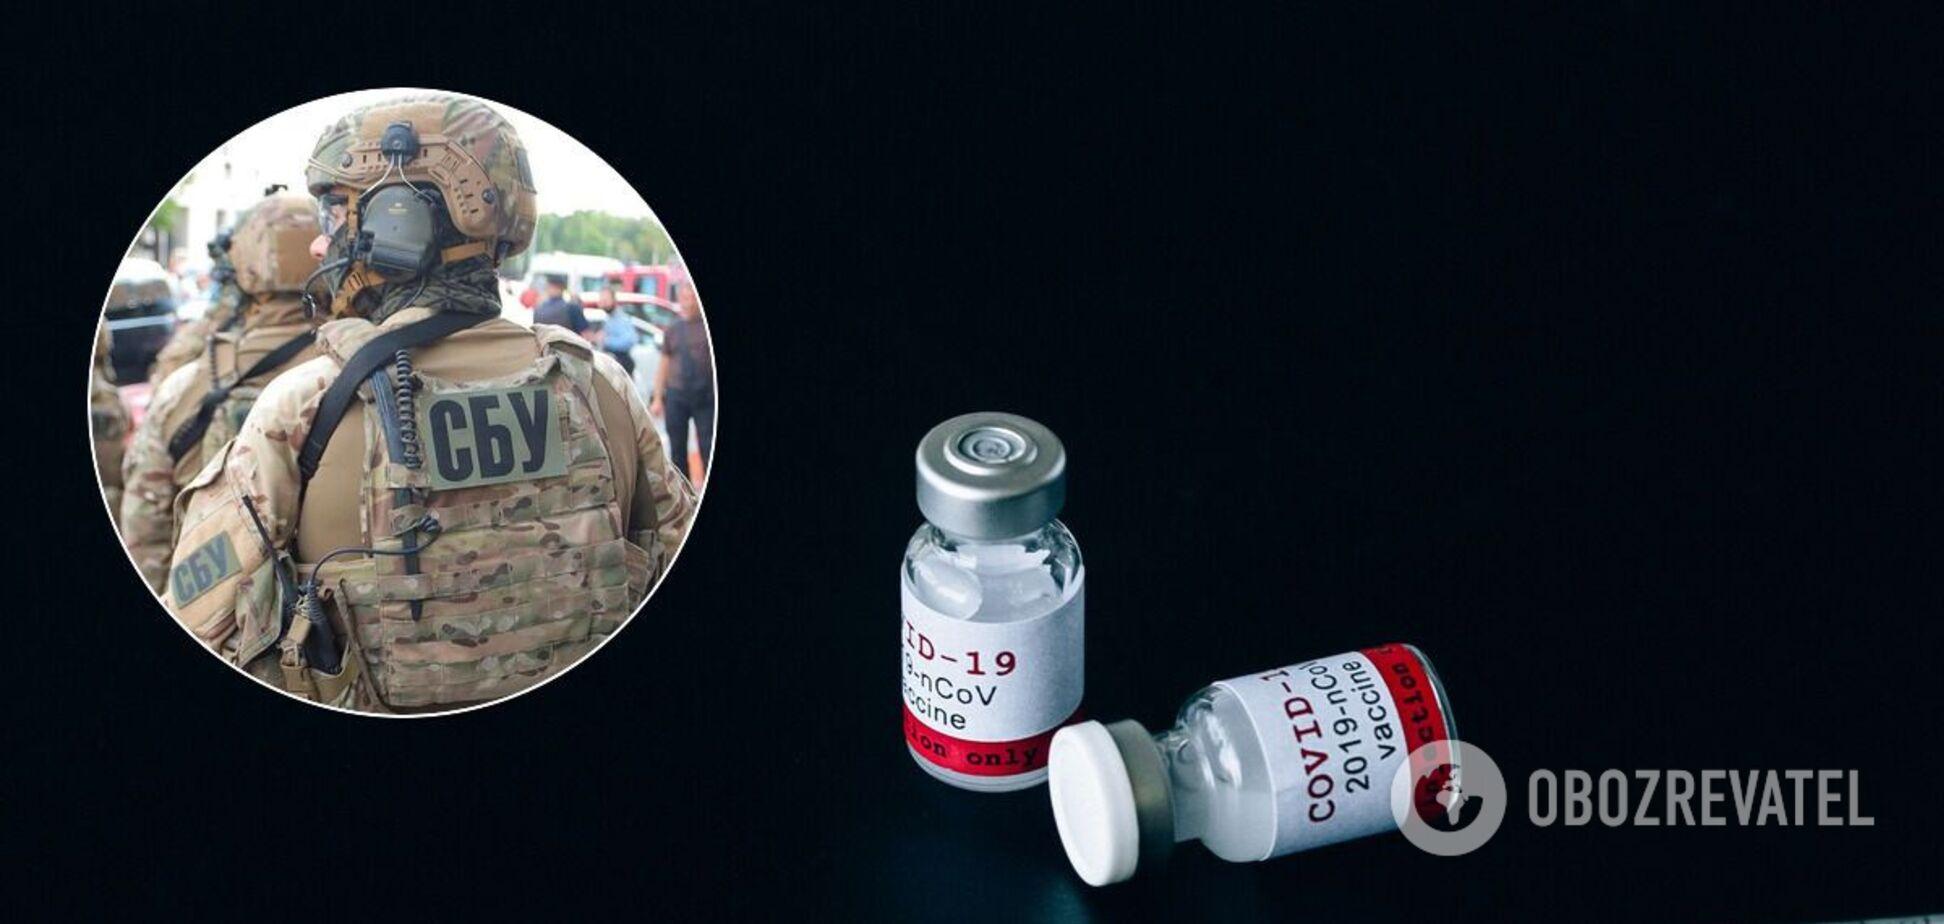 СБУ начала расследование контрабанды вакцины в Украину